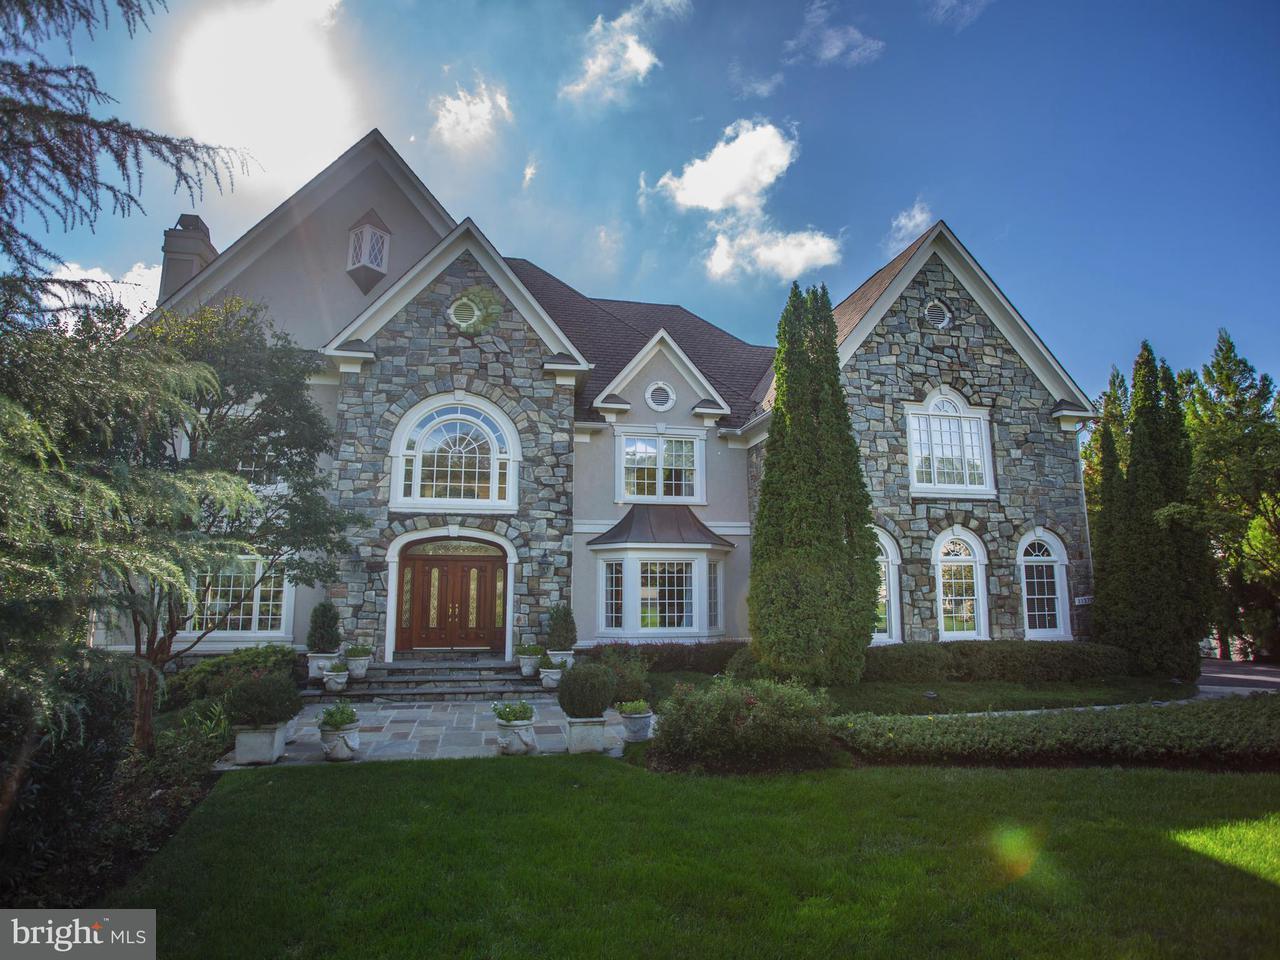 Maison unifamiliale pour l Vente à 11371 JACKRABBIT Court 11371 JACKRABBIT Court Potomac Falls, Virginia 20165 États-Unis